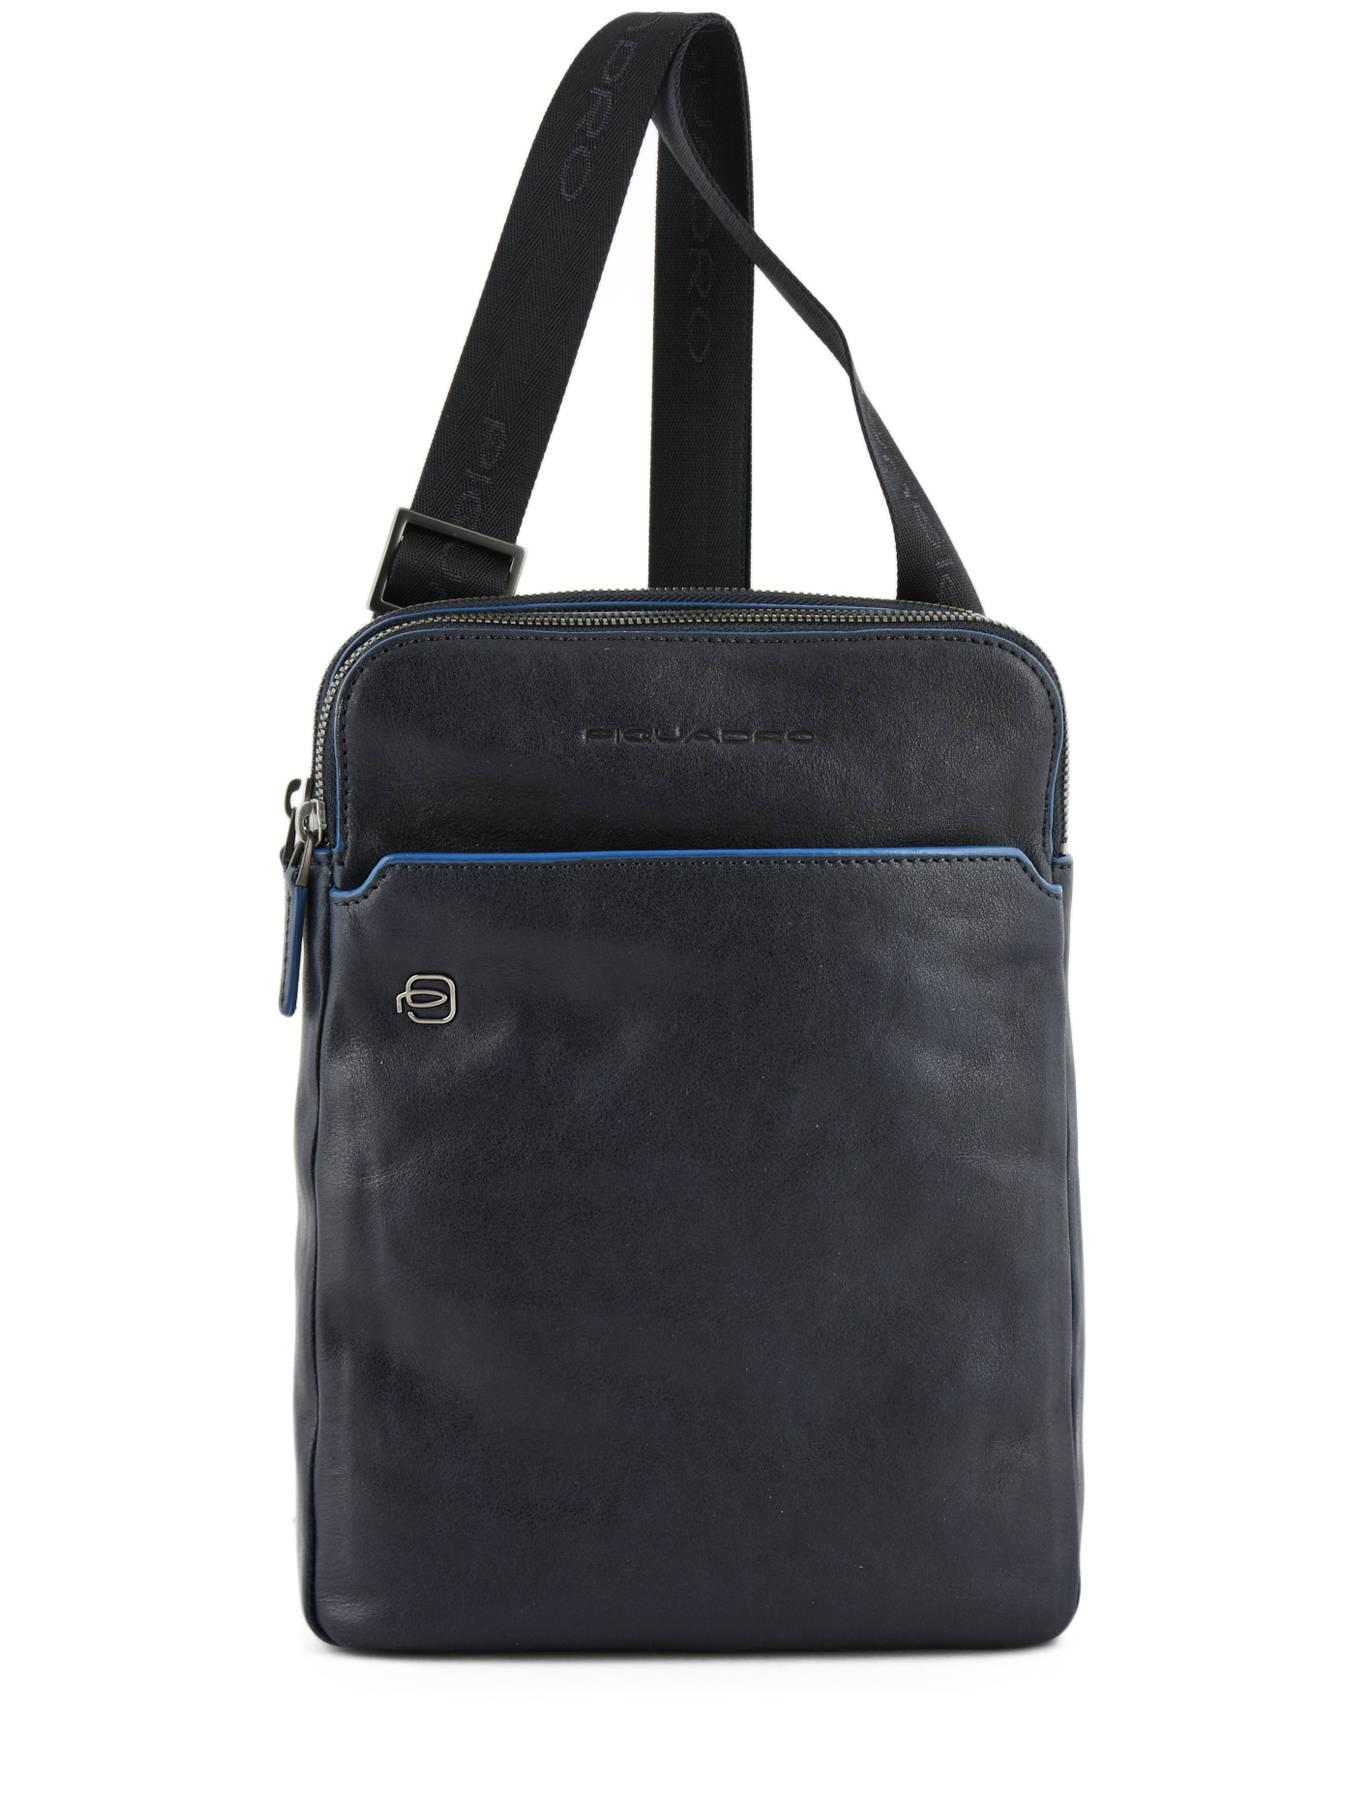 56af8fae379a Crossbody Bag Black Square Piquadro Blue black square CA3978B2 ...